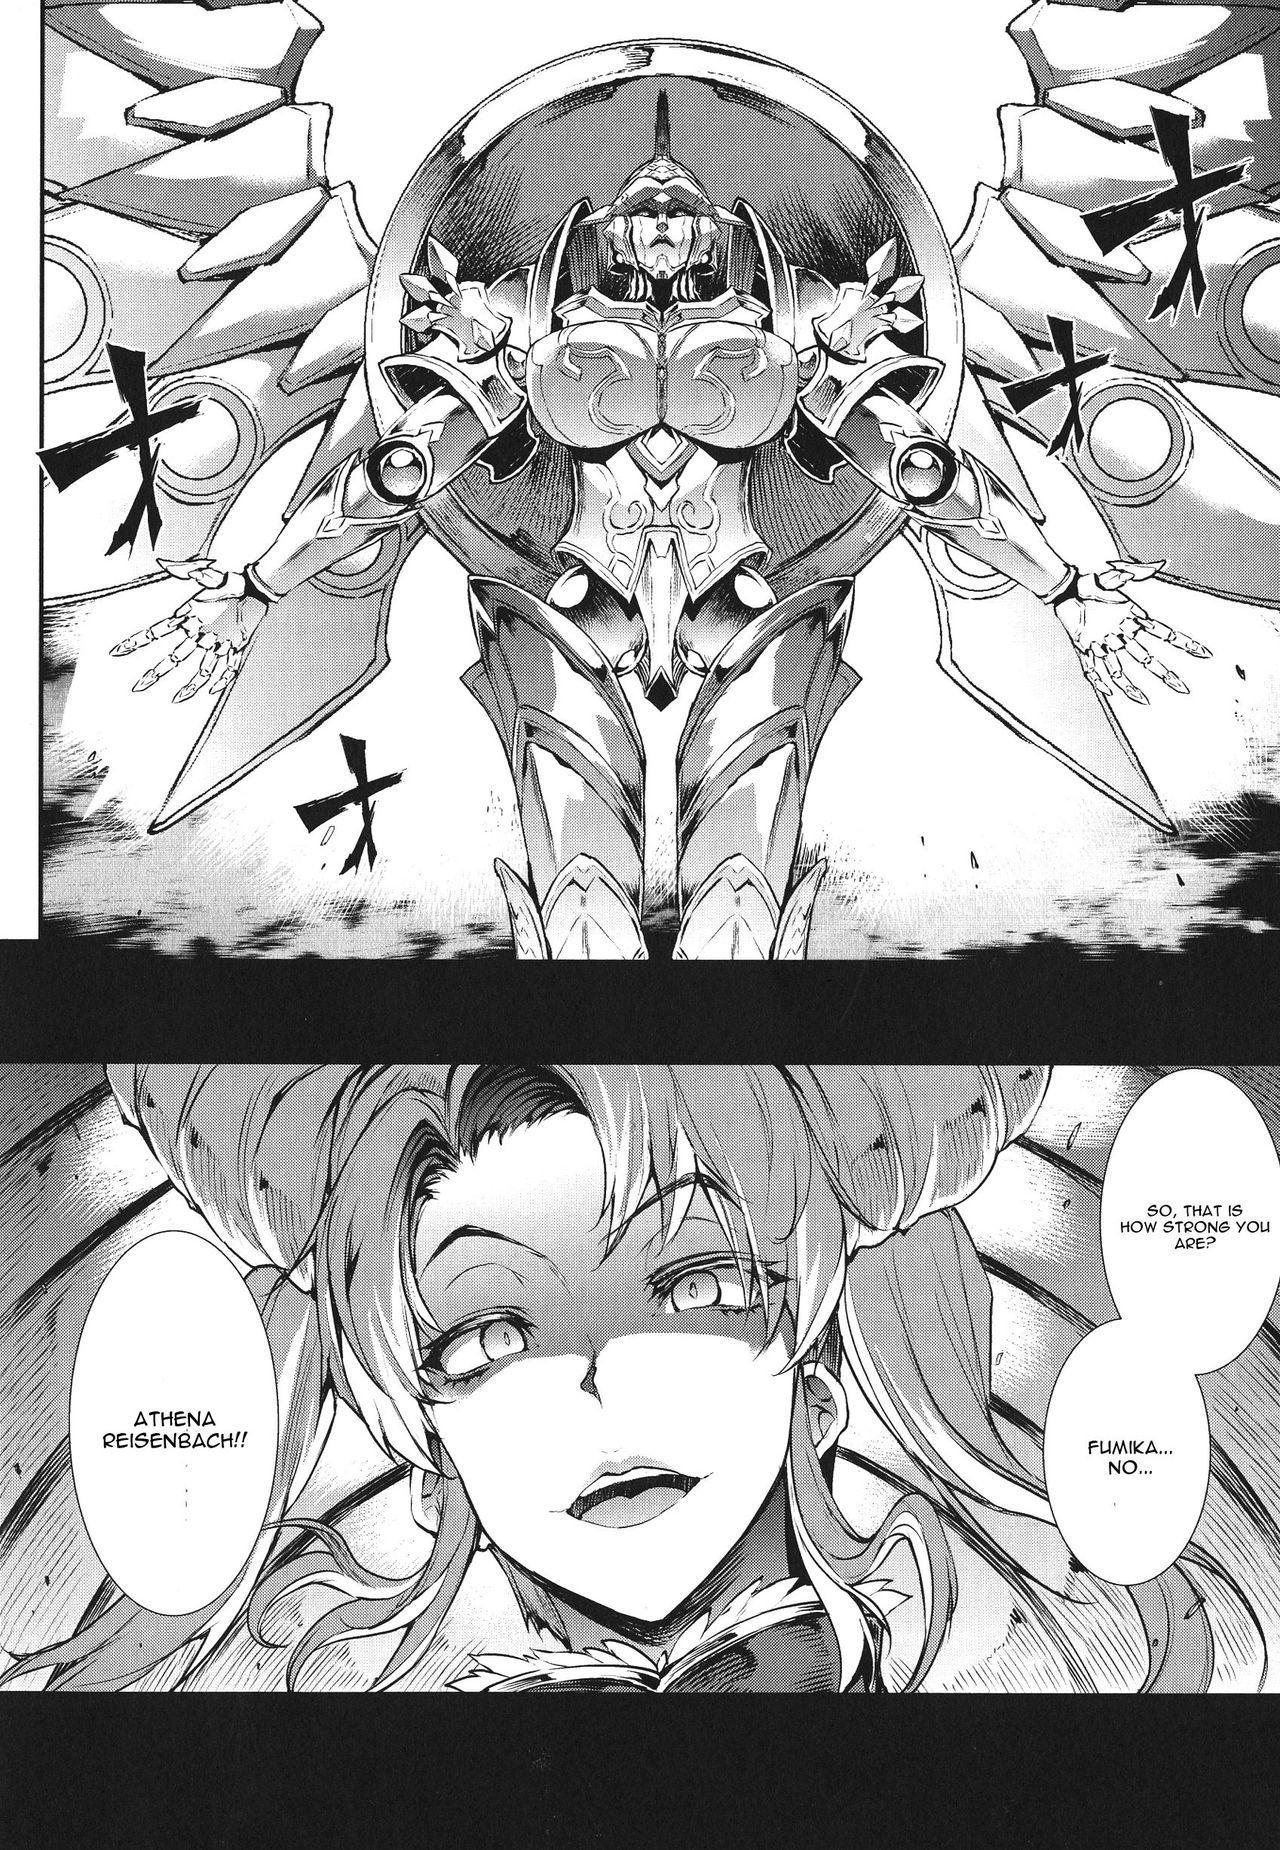 [Erect Sawaru] Raikou Shinki Igis Magia -PANDRA saga 3rd ignition- Ch. 1-7 + Medousa [English] [CGrascal] 32